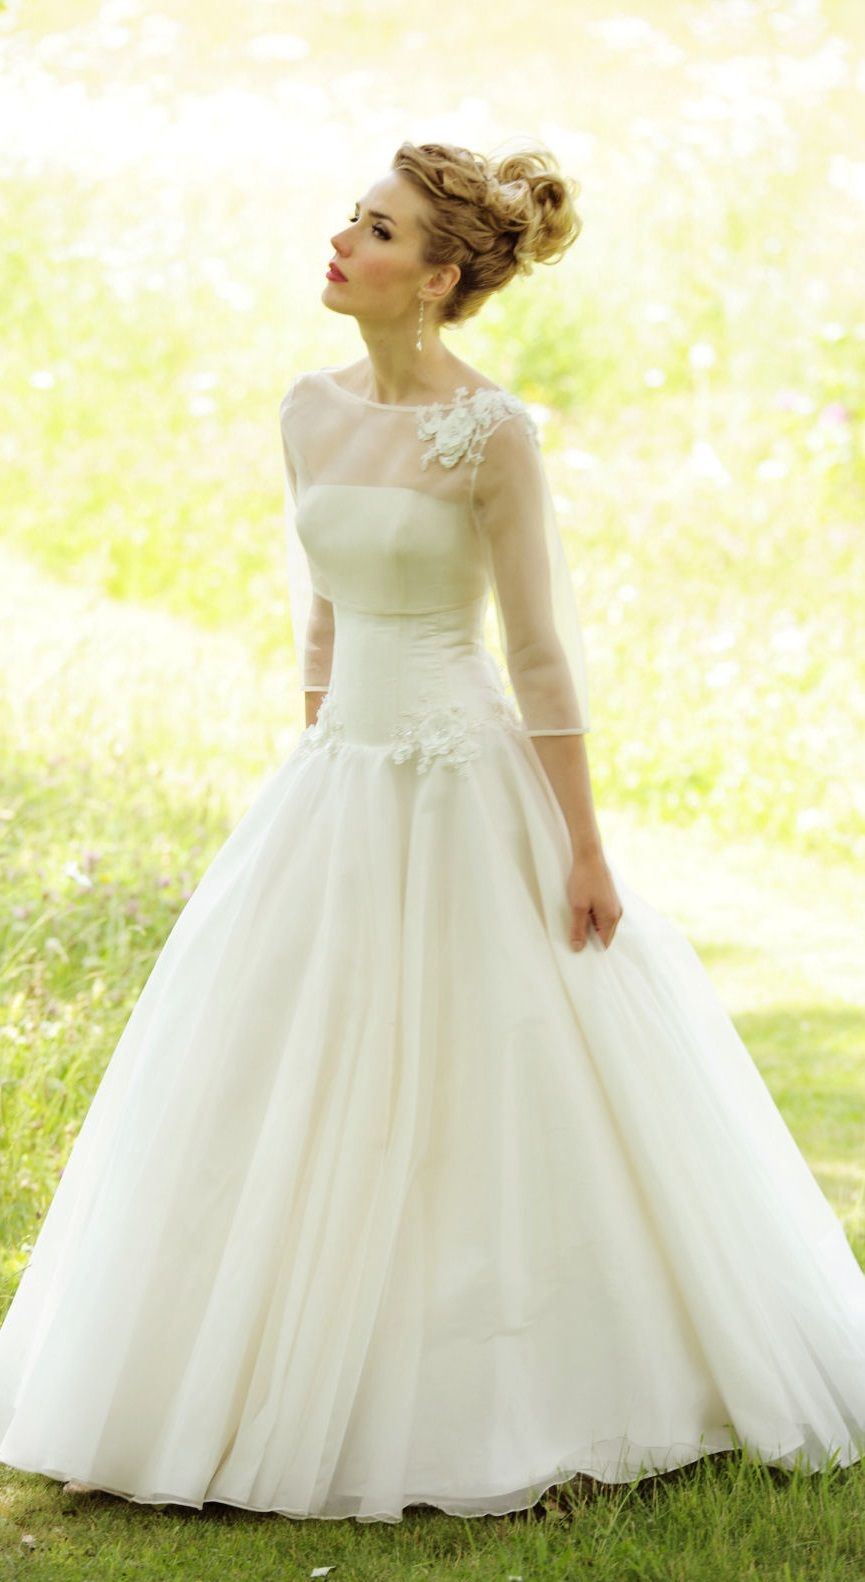 wedding dress by Lyn Ashworth